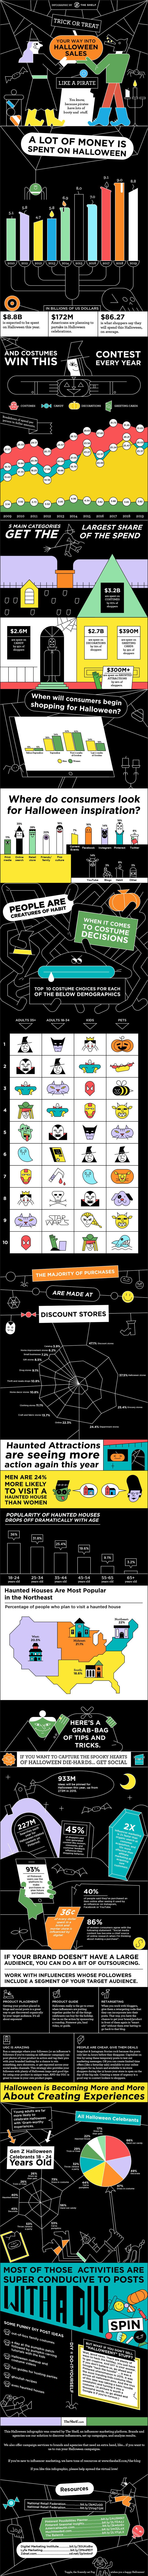 Halloween consumer trends info